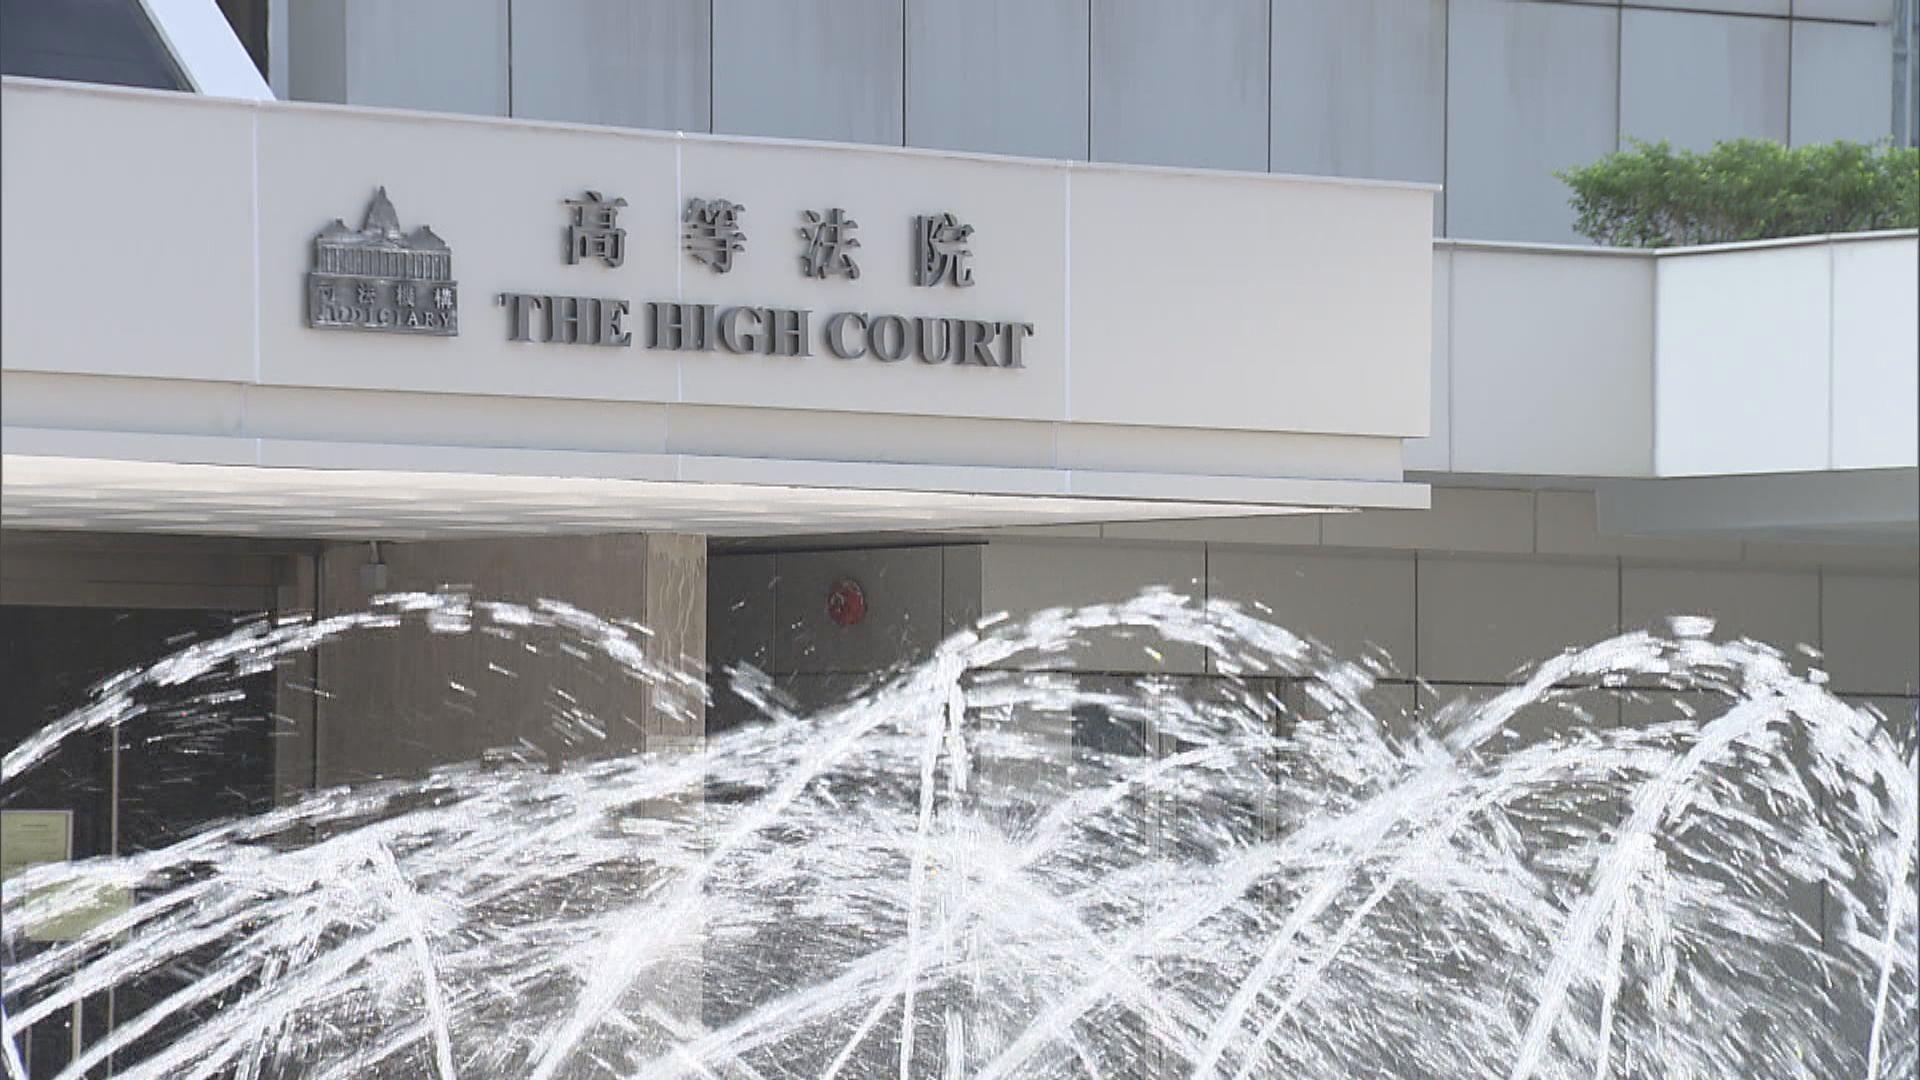 已婚男同性戀者申公屋遭拒 高院裁房委會違憲